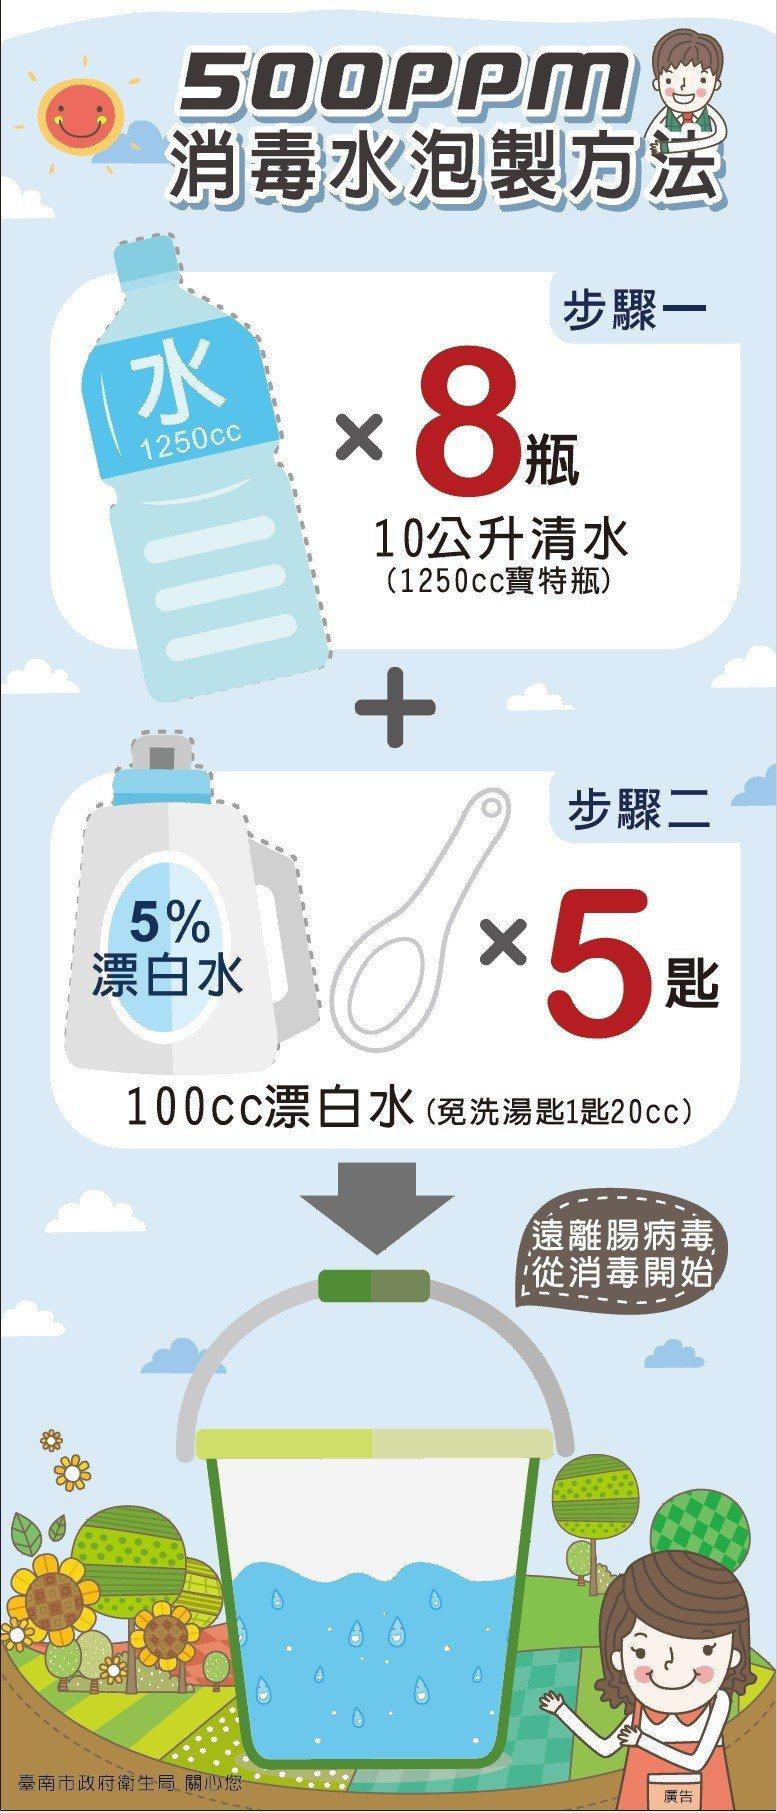 台南市衛生局提供腸病毒相關消毒措施 圖/衛生局提供